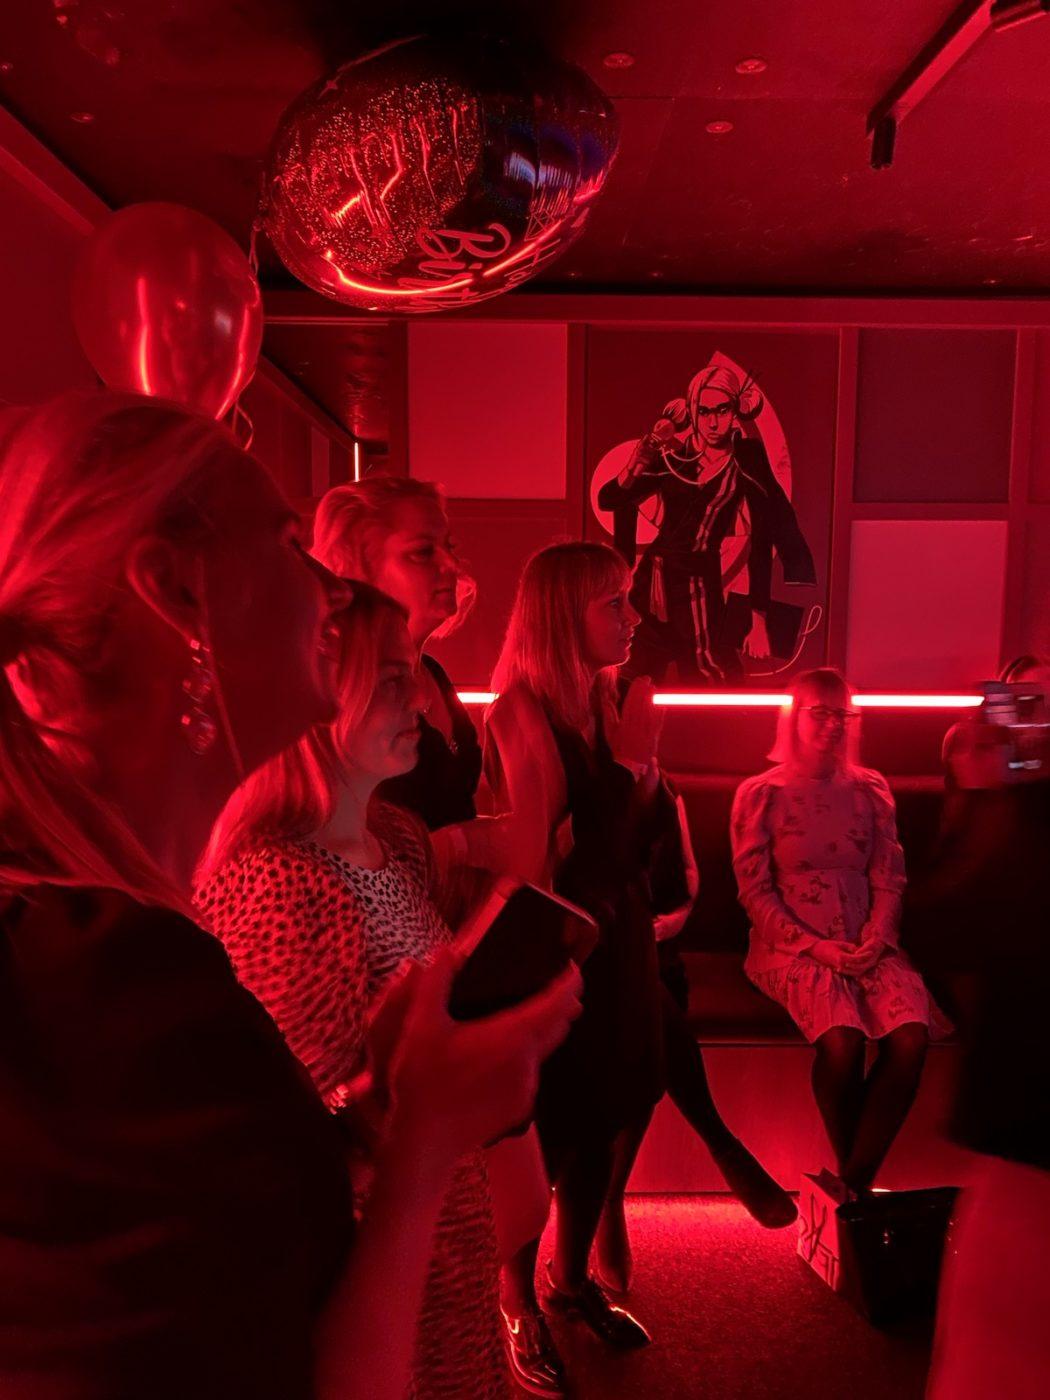 Flera kvinnor syns på bilden som har rött ljus. Alla tittar åt samma håll.